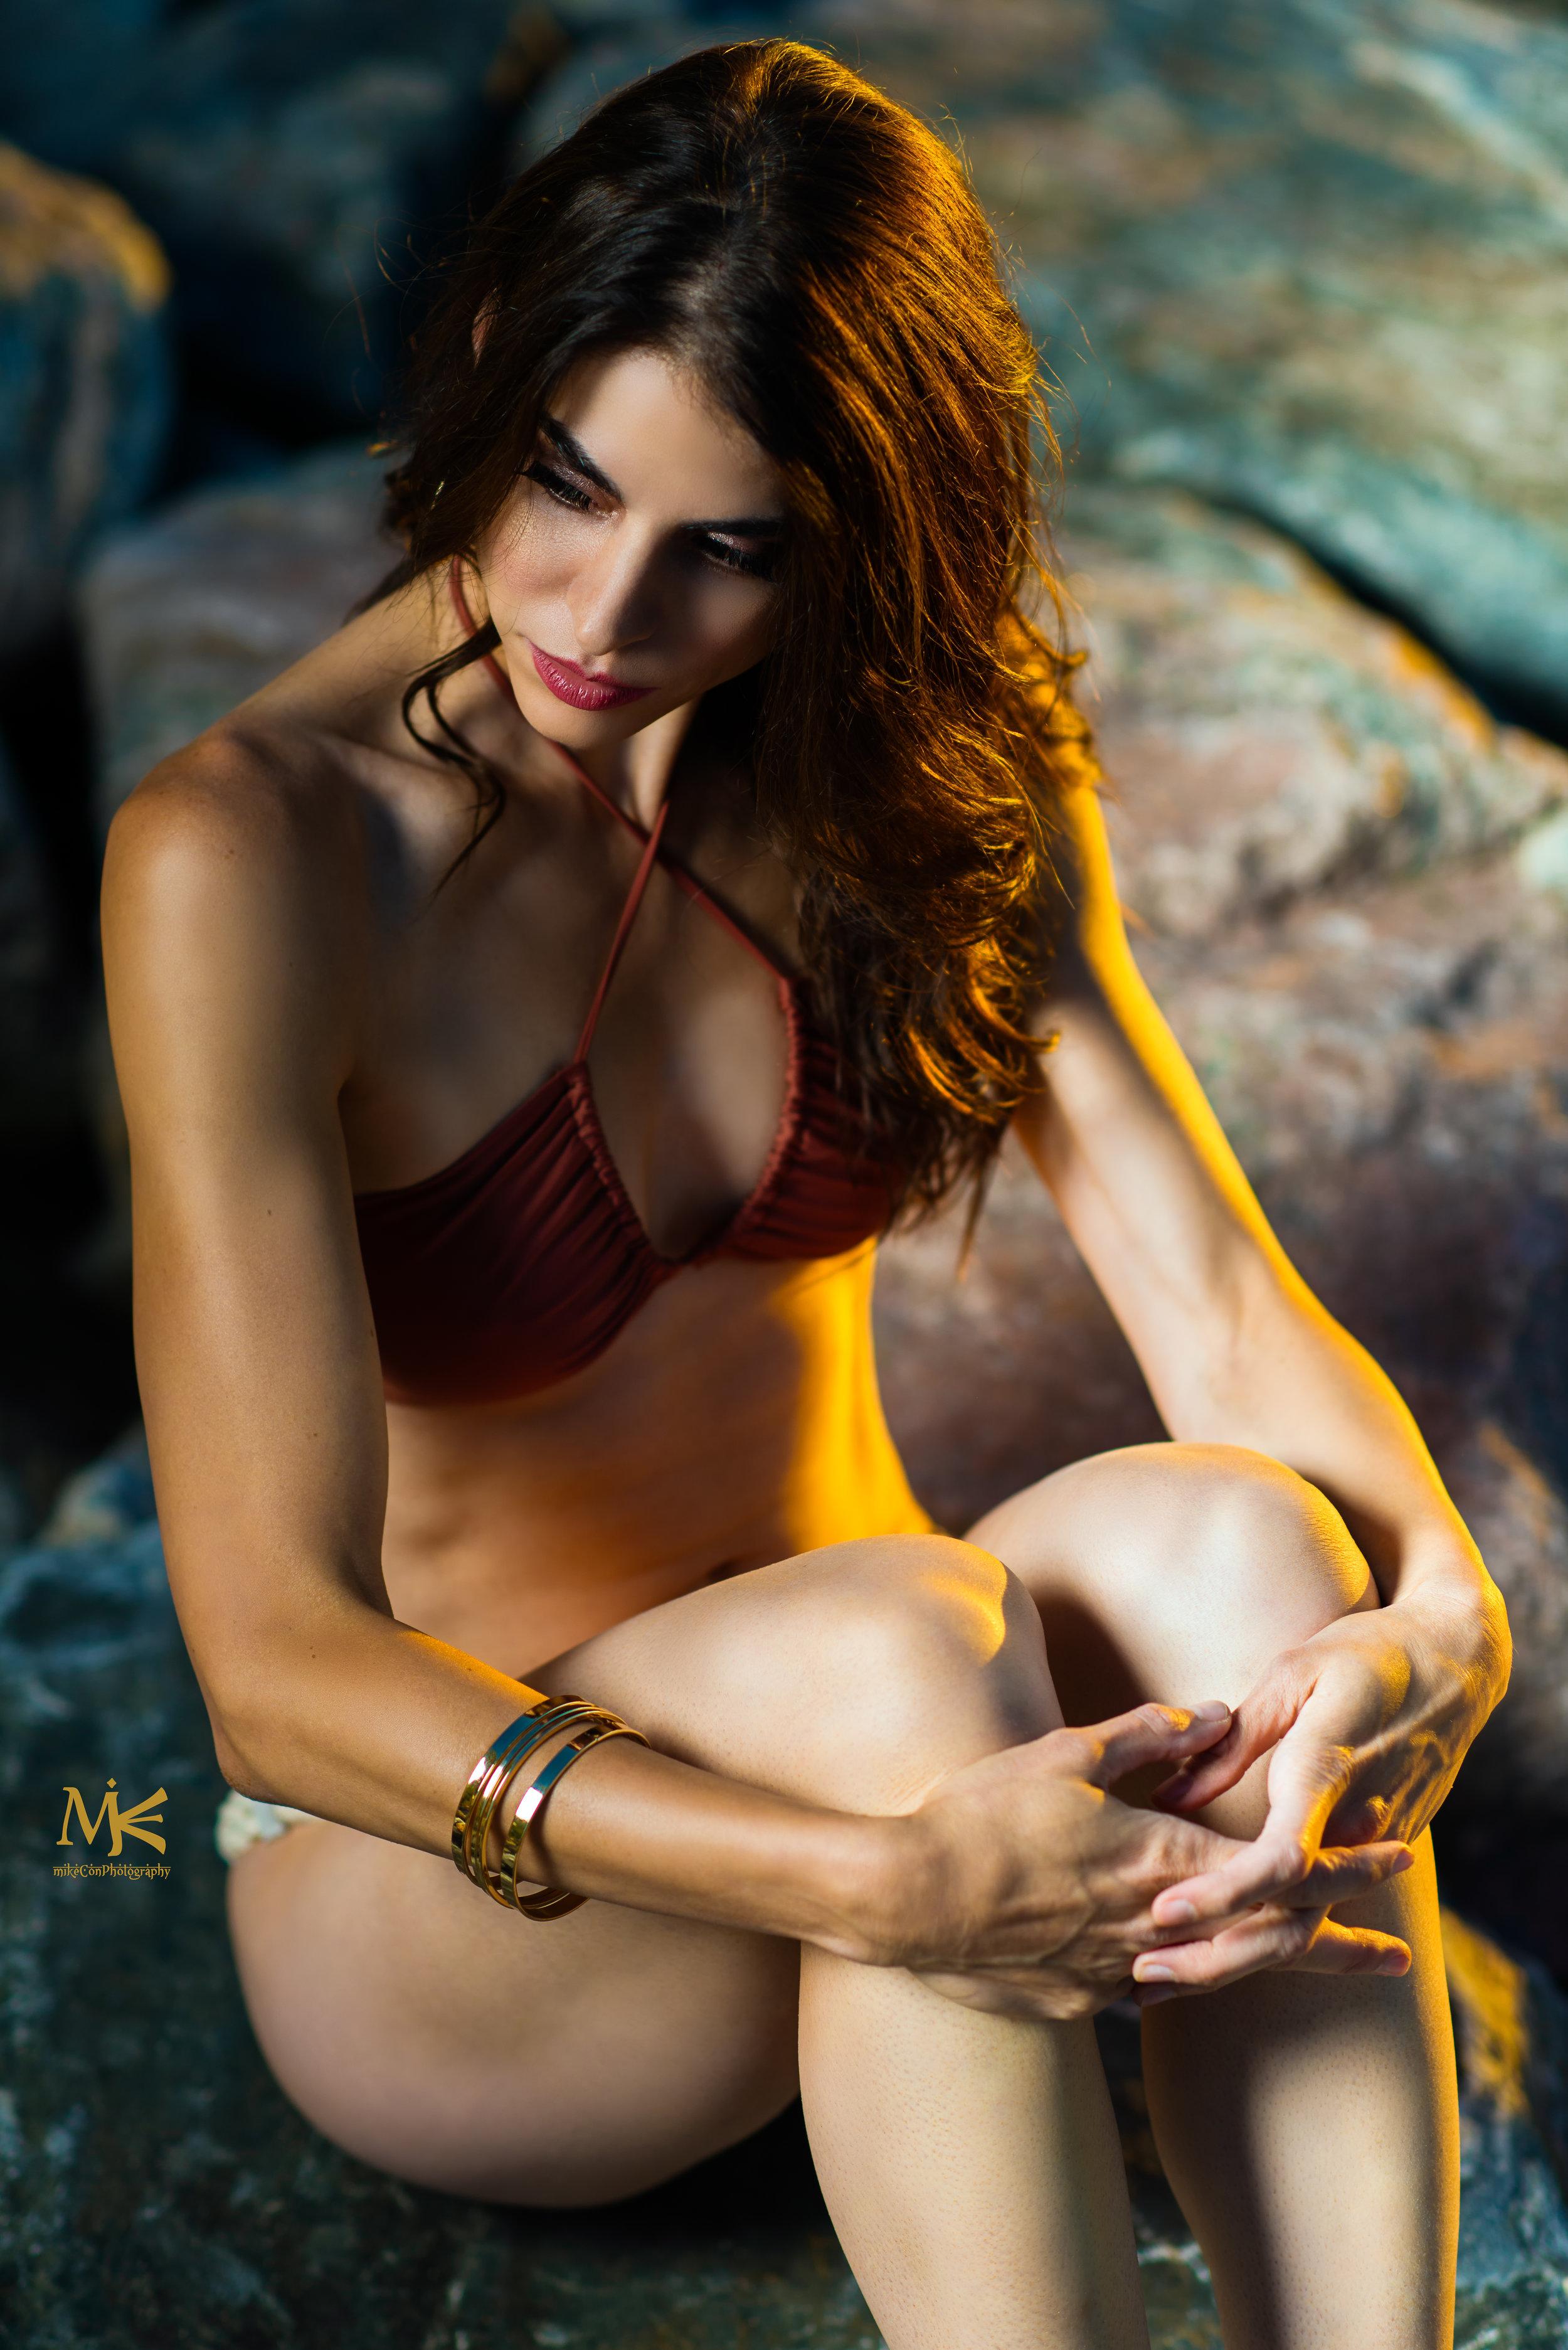 Kim-Rosa-bikini-mikeconphoto